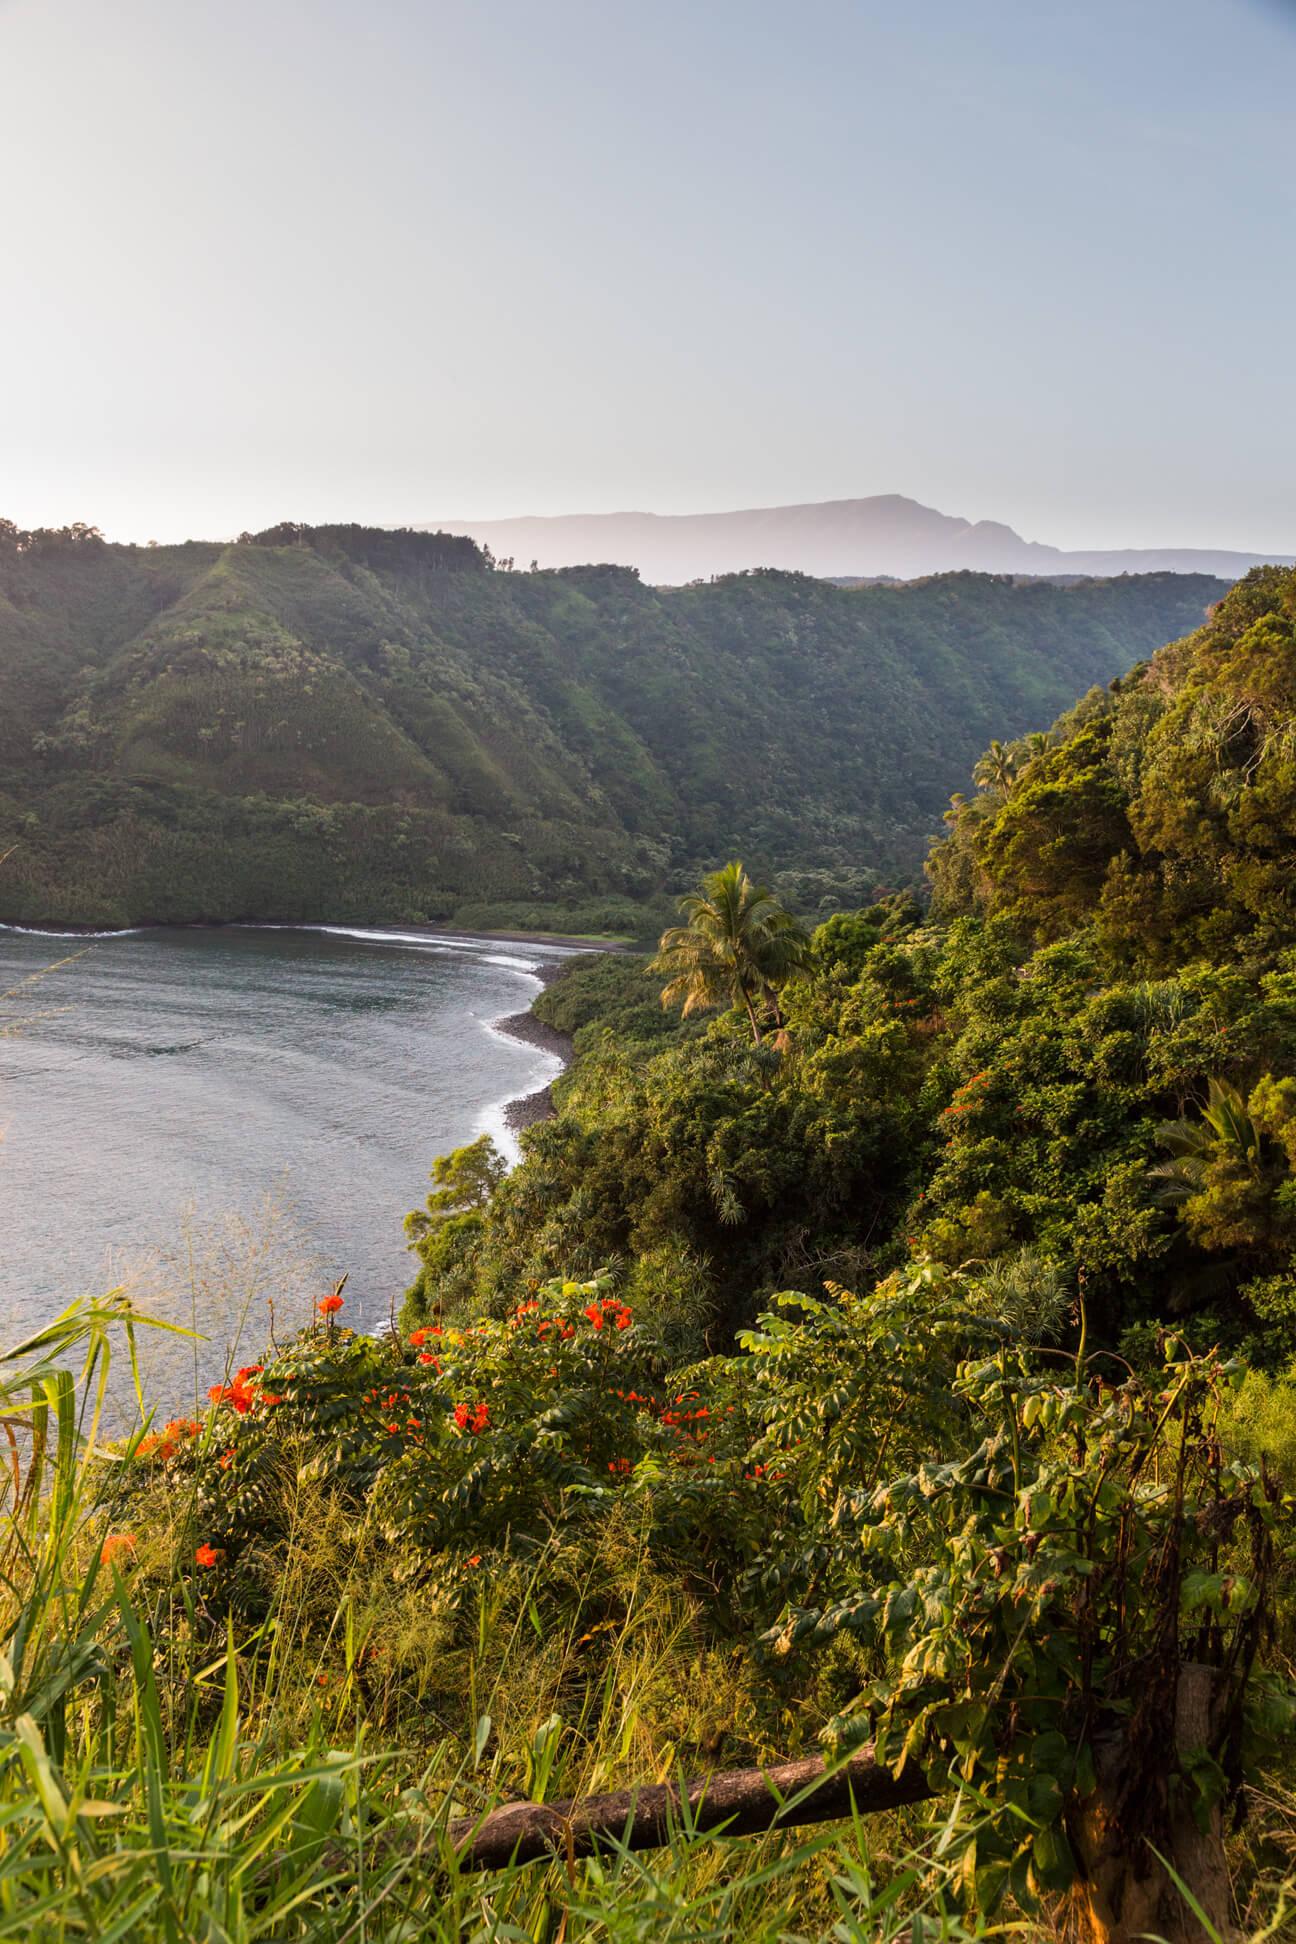 maui itinerary 5 days road to hana views